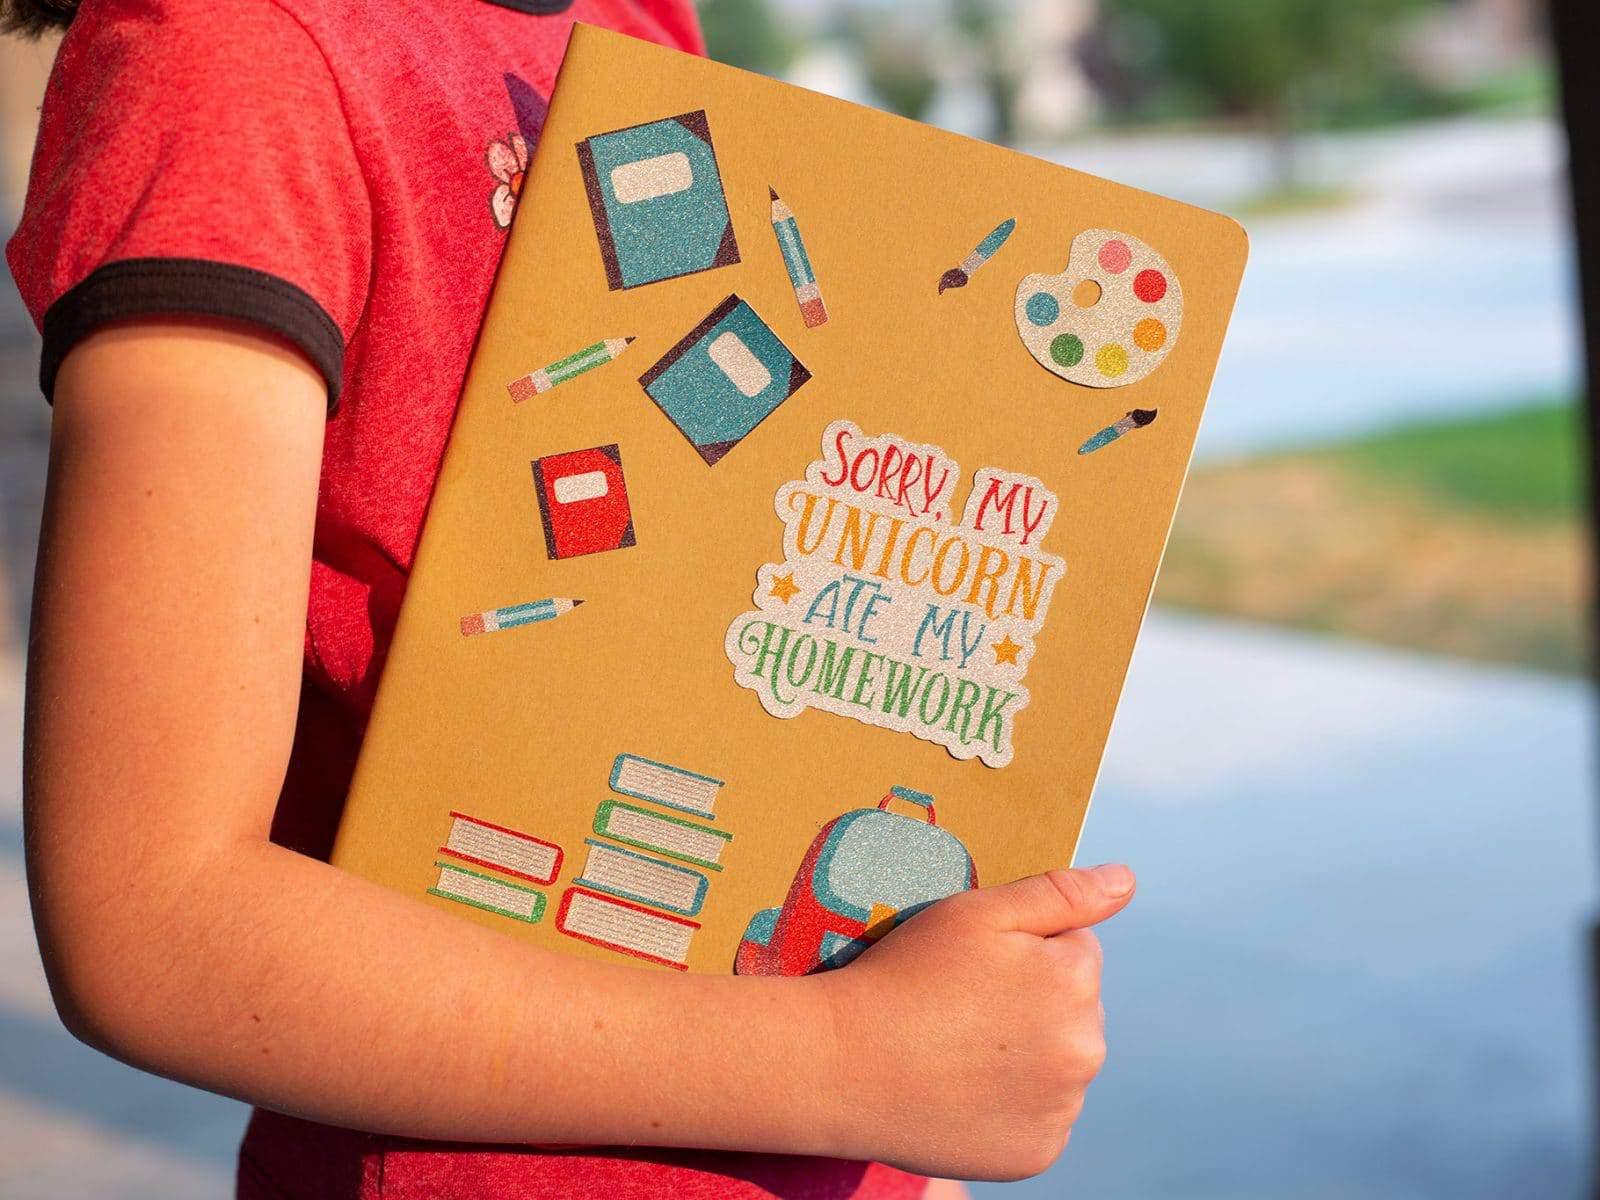 Etiquetas escolares y kits para el personalizado de prendas para el colegio